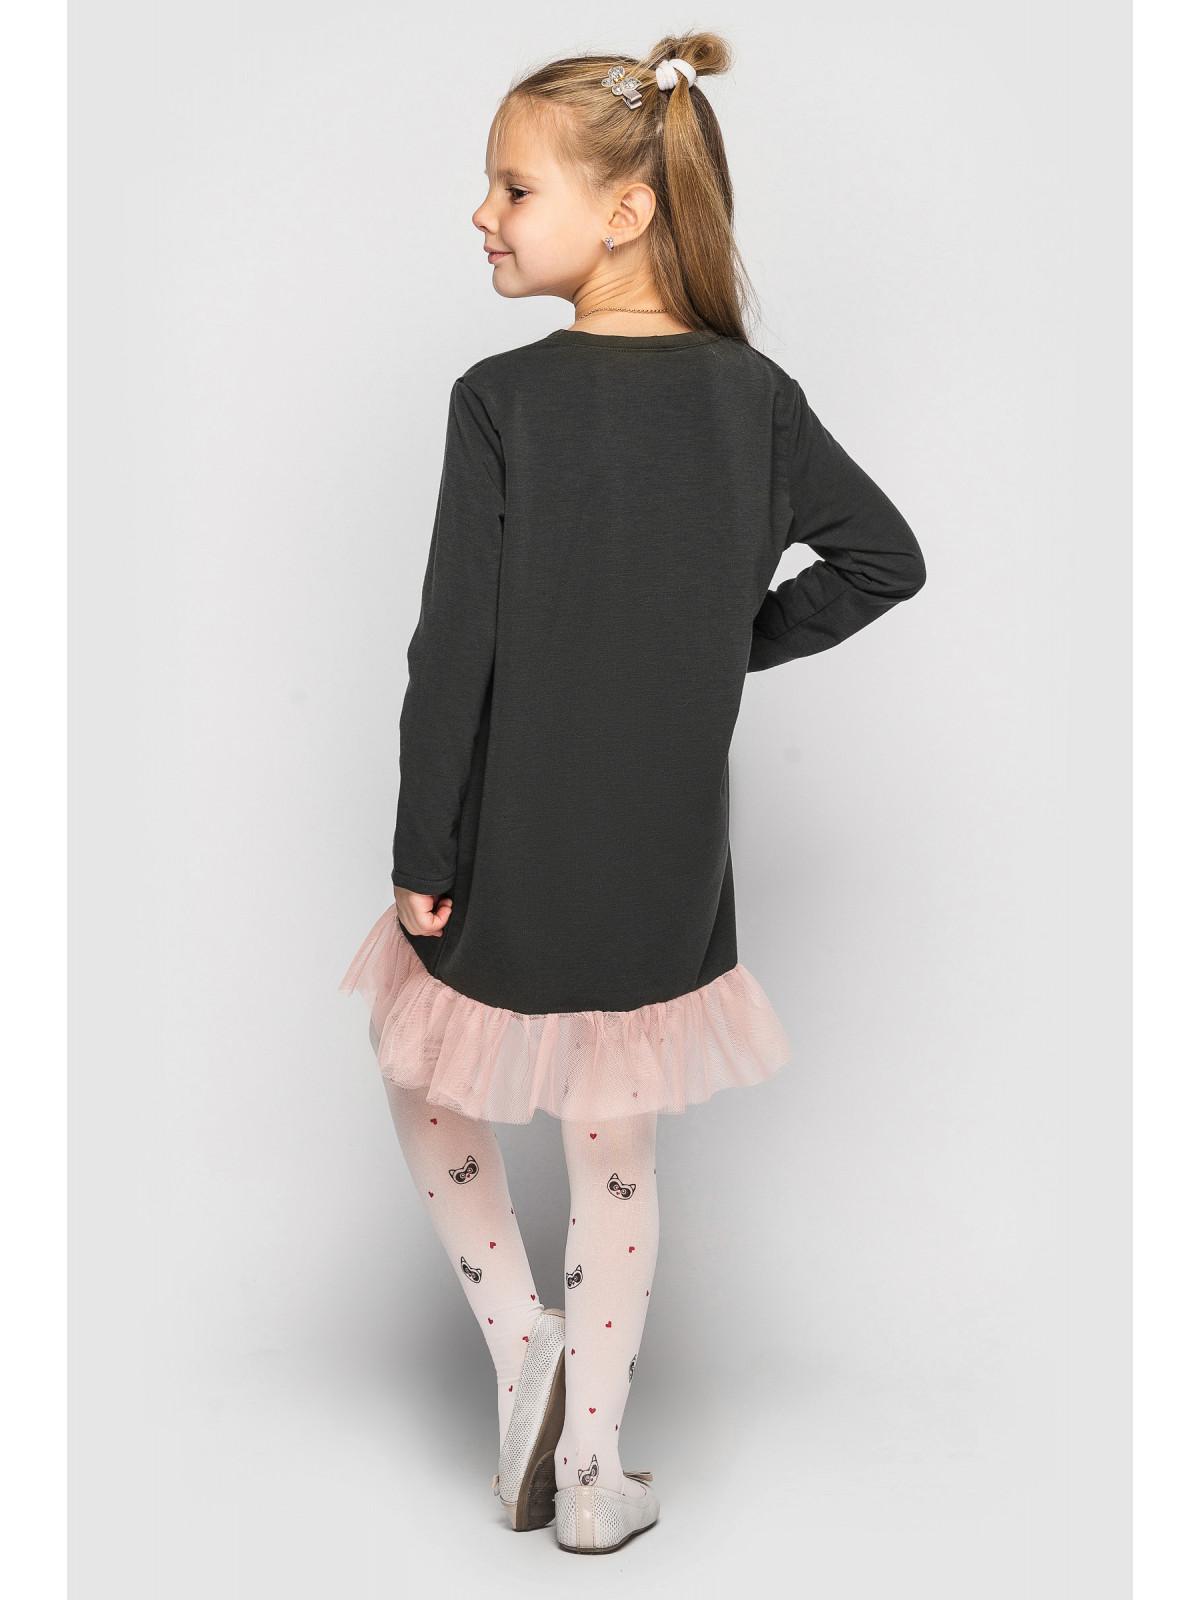 Платье BonnyRZ Черный